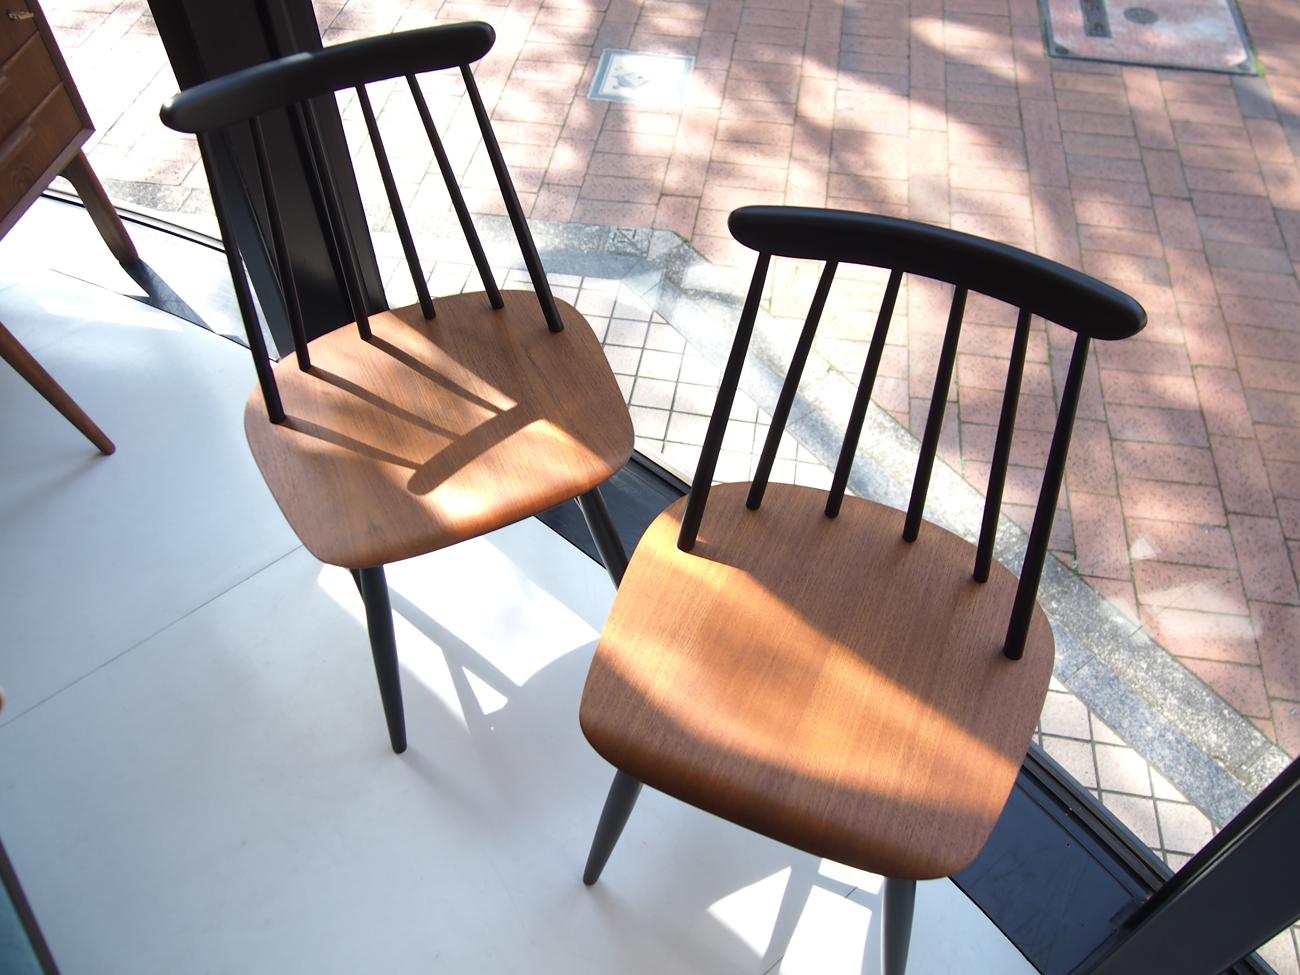 ファネットチェア イルマリ・タピオヴァーラ / Fanett chair Ilmari Tapiovaara ビンテージ北欧家具